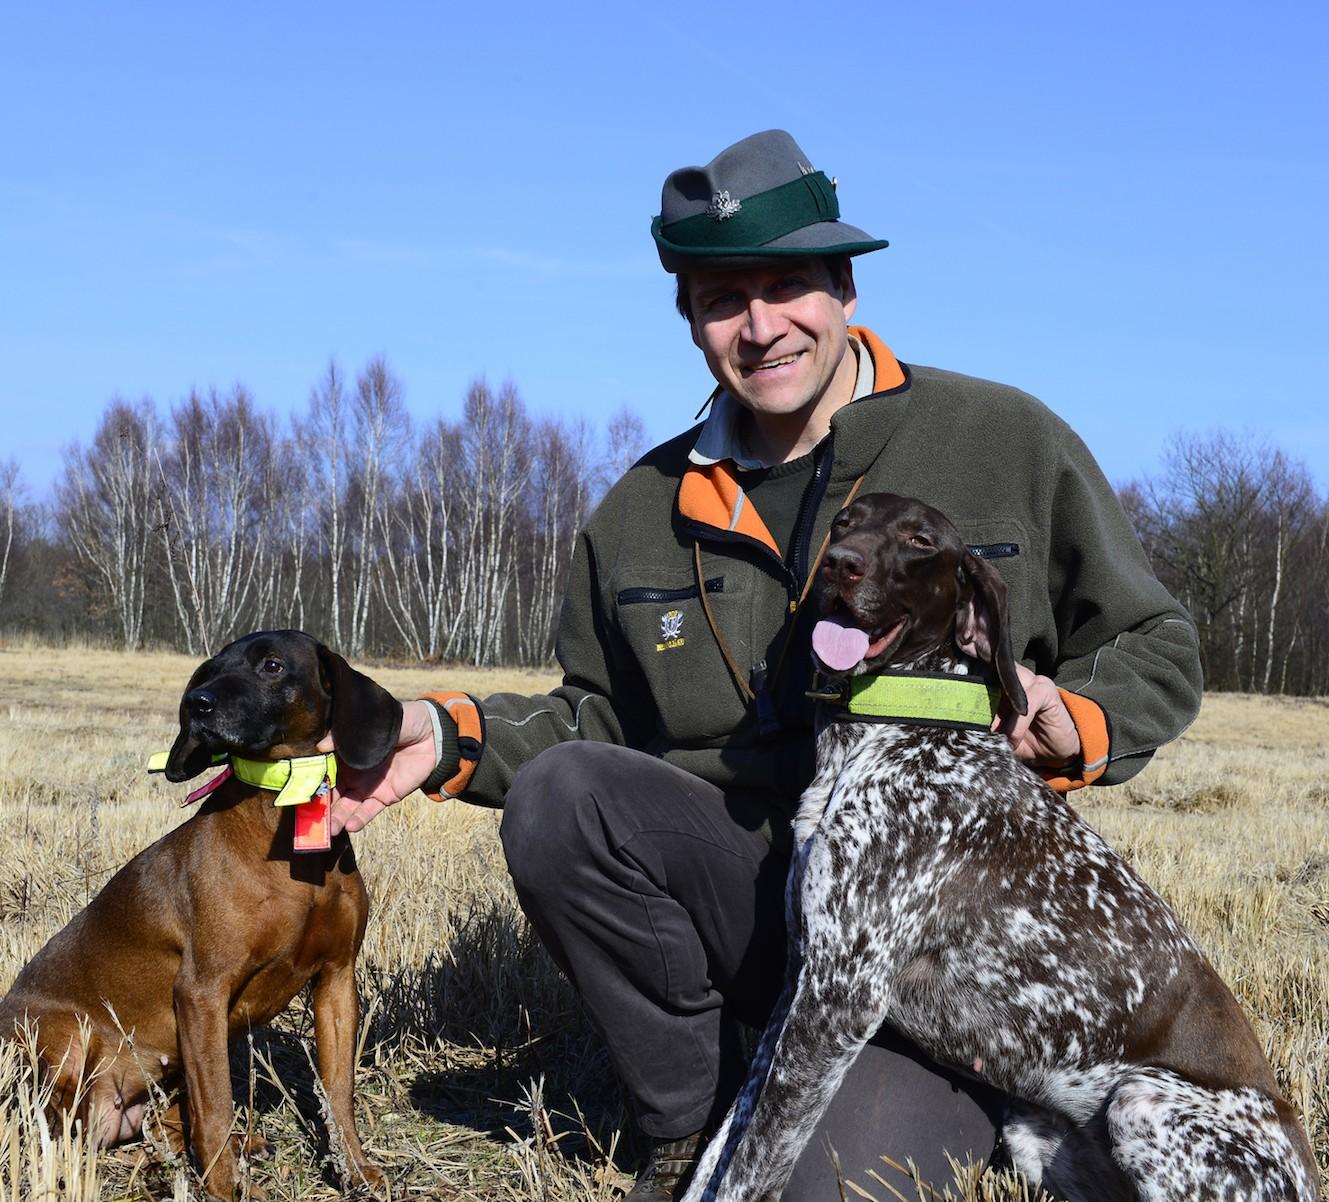 Berufsjäger Ulf Muuß mit seinem Diensthund, einem Deutsch-Kurzhaar, und seinem Bayerischen Gebirgsschweißhund, der bei Nachsuchen zum Einsatz kommt